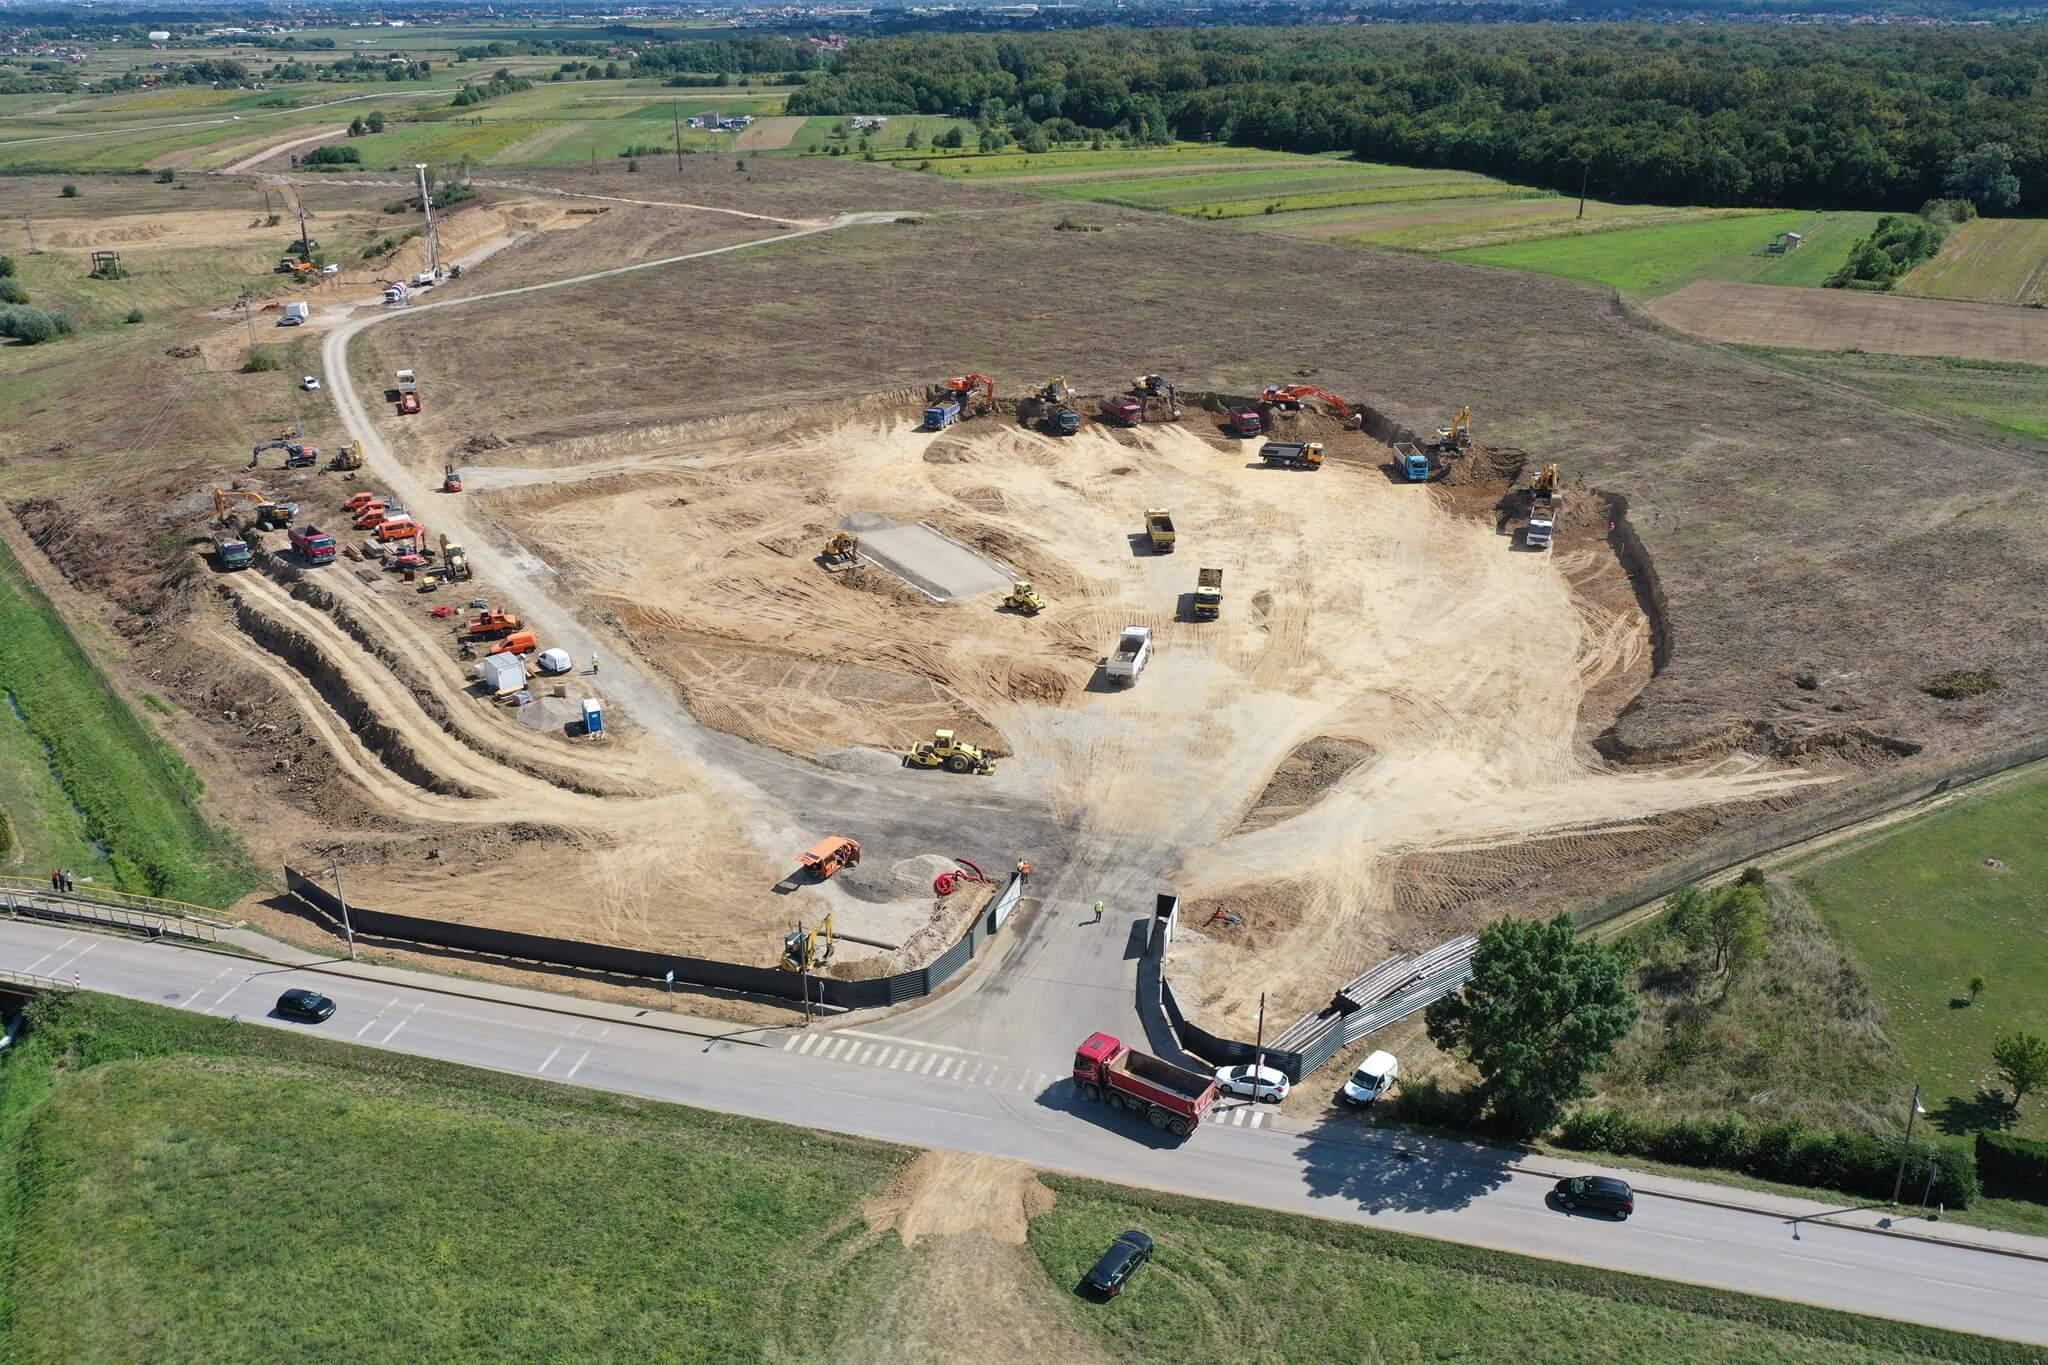 [FOTO] Započela gradnja Rimac Campusa, evo kako će izgledati!